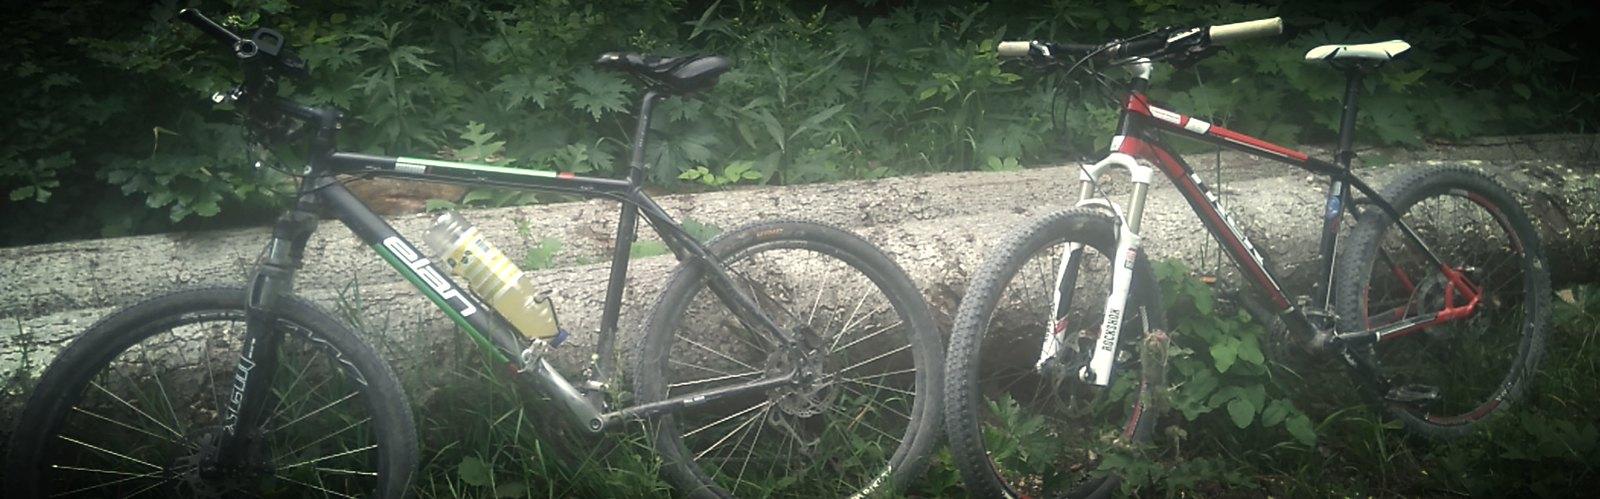 Bike&Hike Javorniki